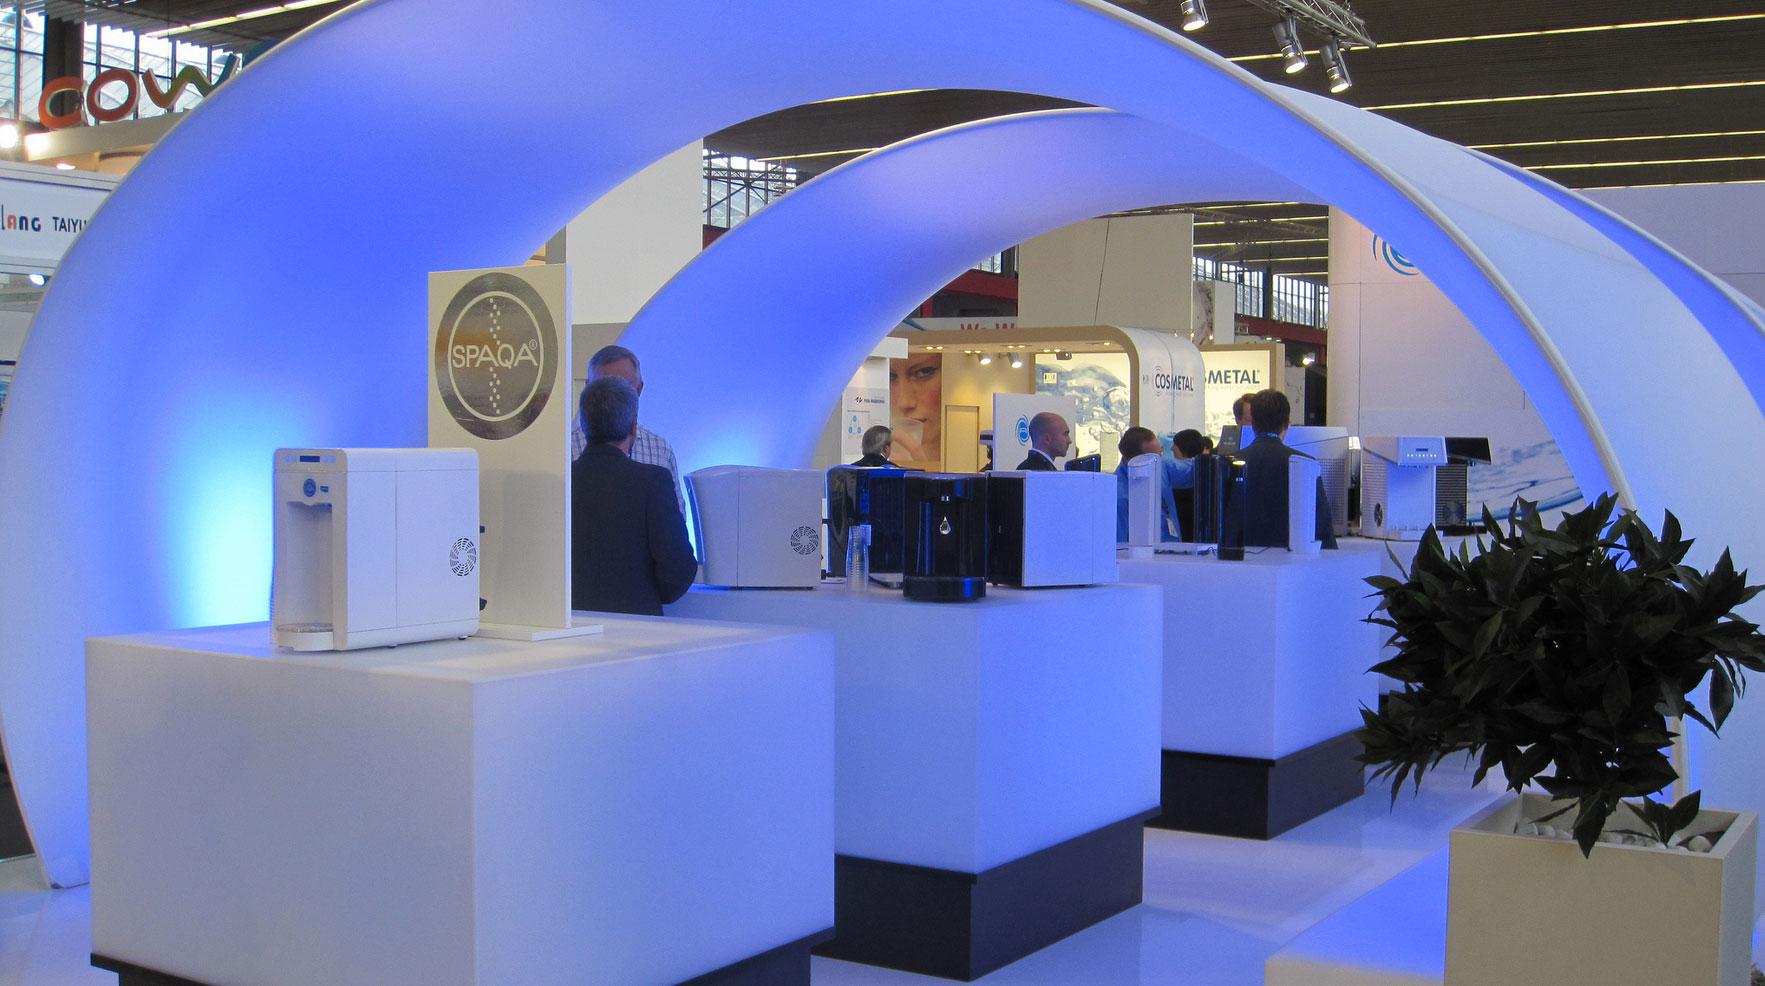 Aquatech Amsterdam Exhibit Design